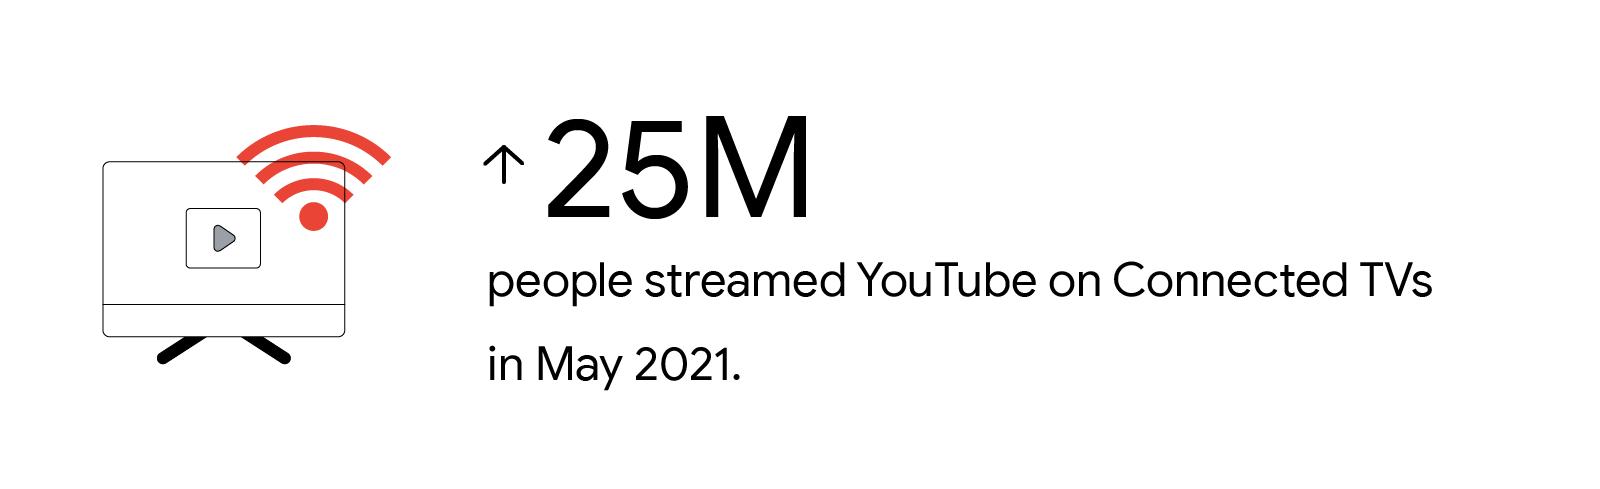 Dữ liệu nội bộ của YouTube cho thấy hơn 25 triệu người ở Việt Nam đã phát YouTube trên TV được kết nối vào tháng 5 năm 2021